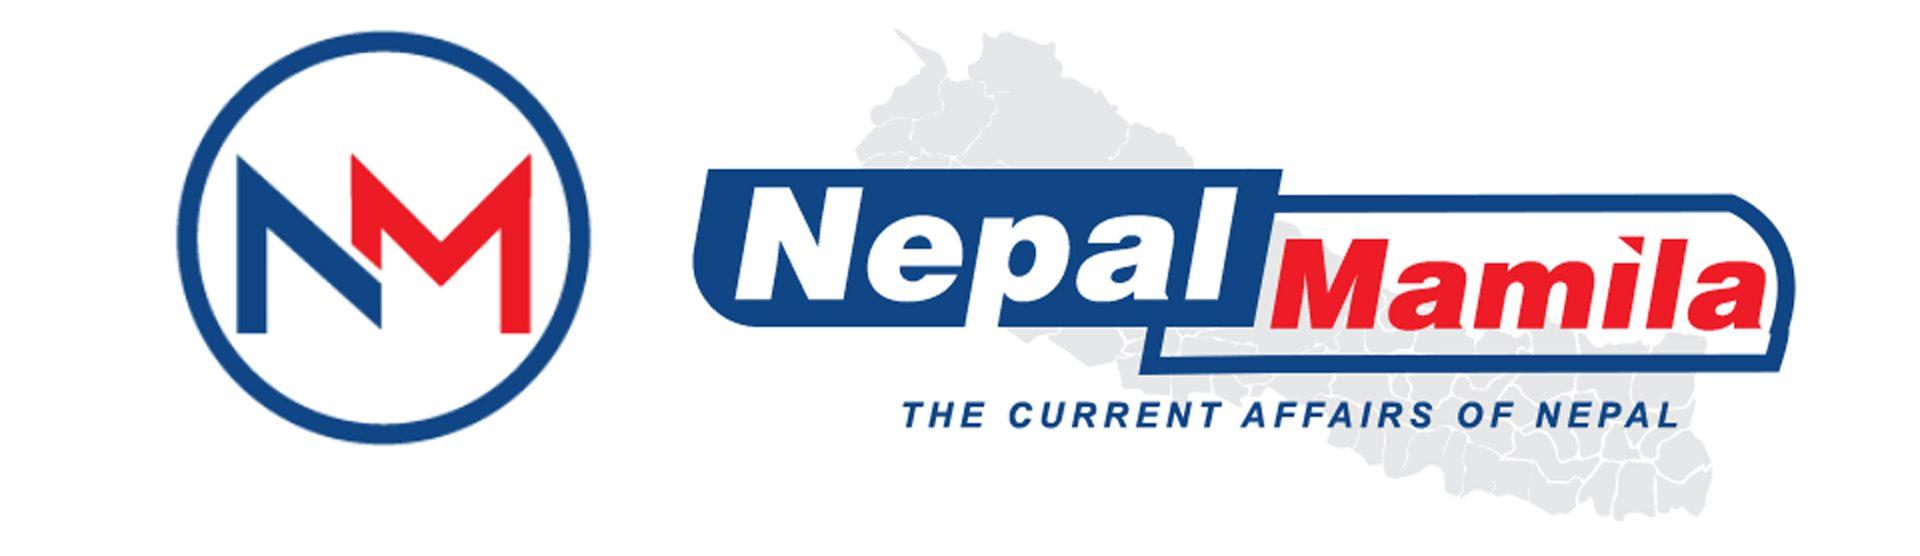 Nepal Mamila